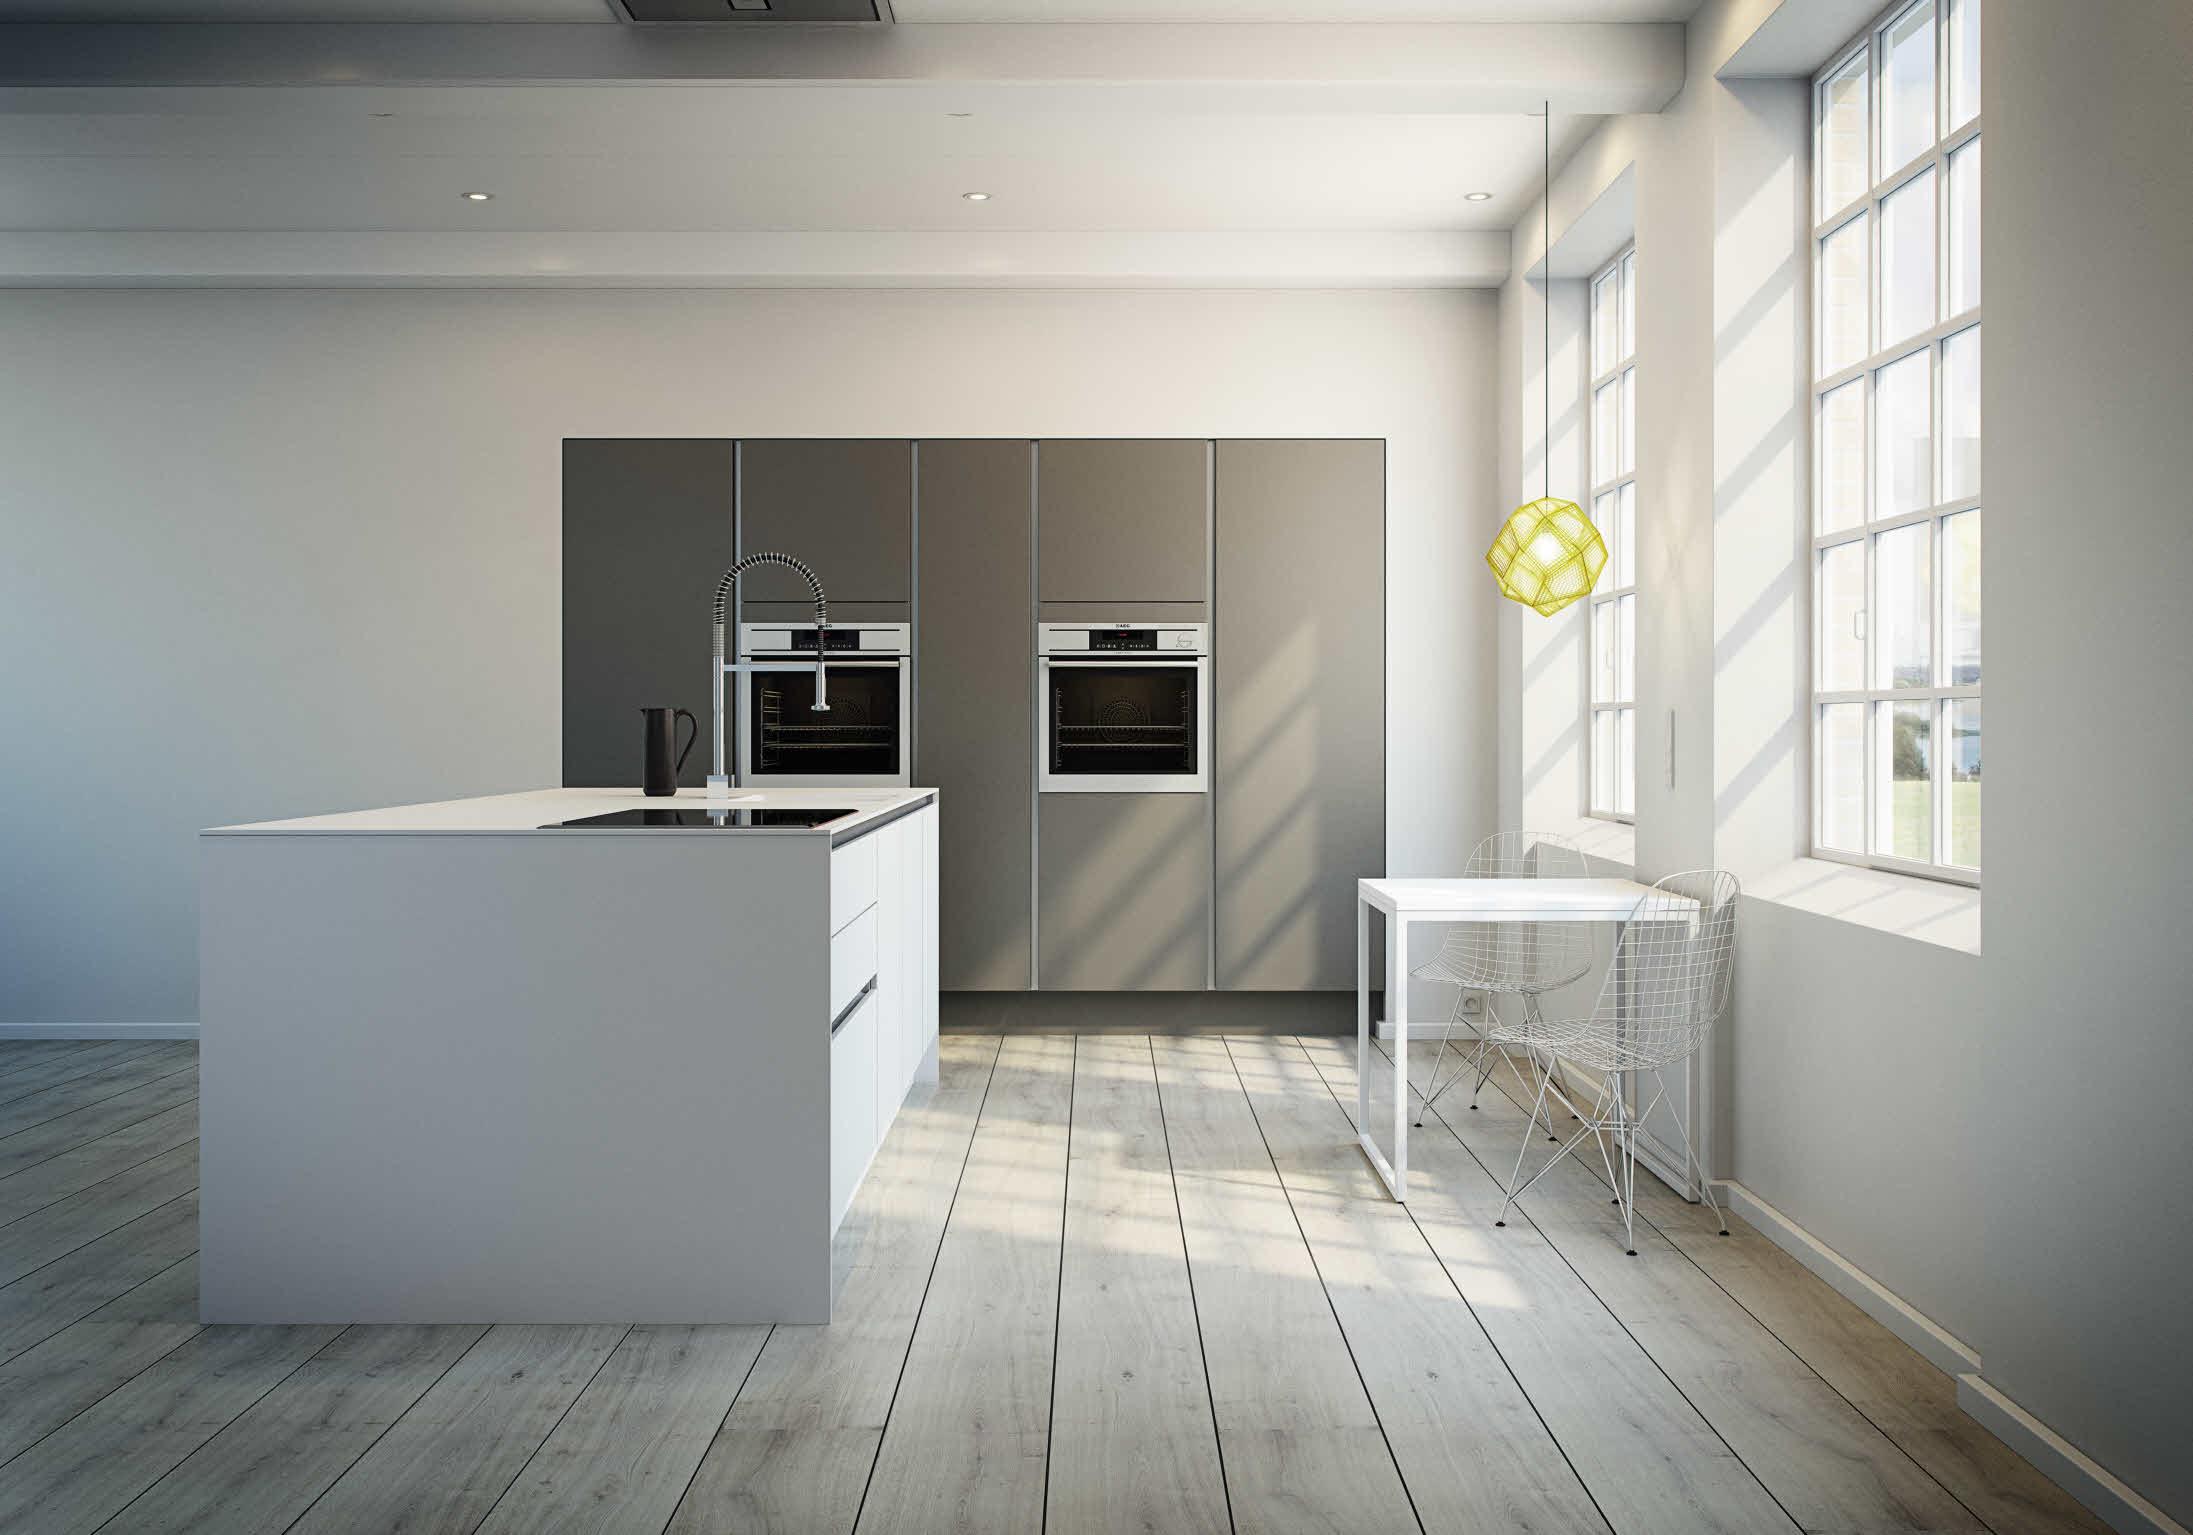 Uusajattelua edustava keittiö, jossa yhdistyvät sekä valkoiset että tummat pi